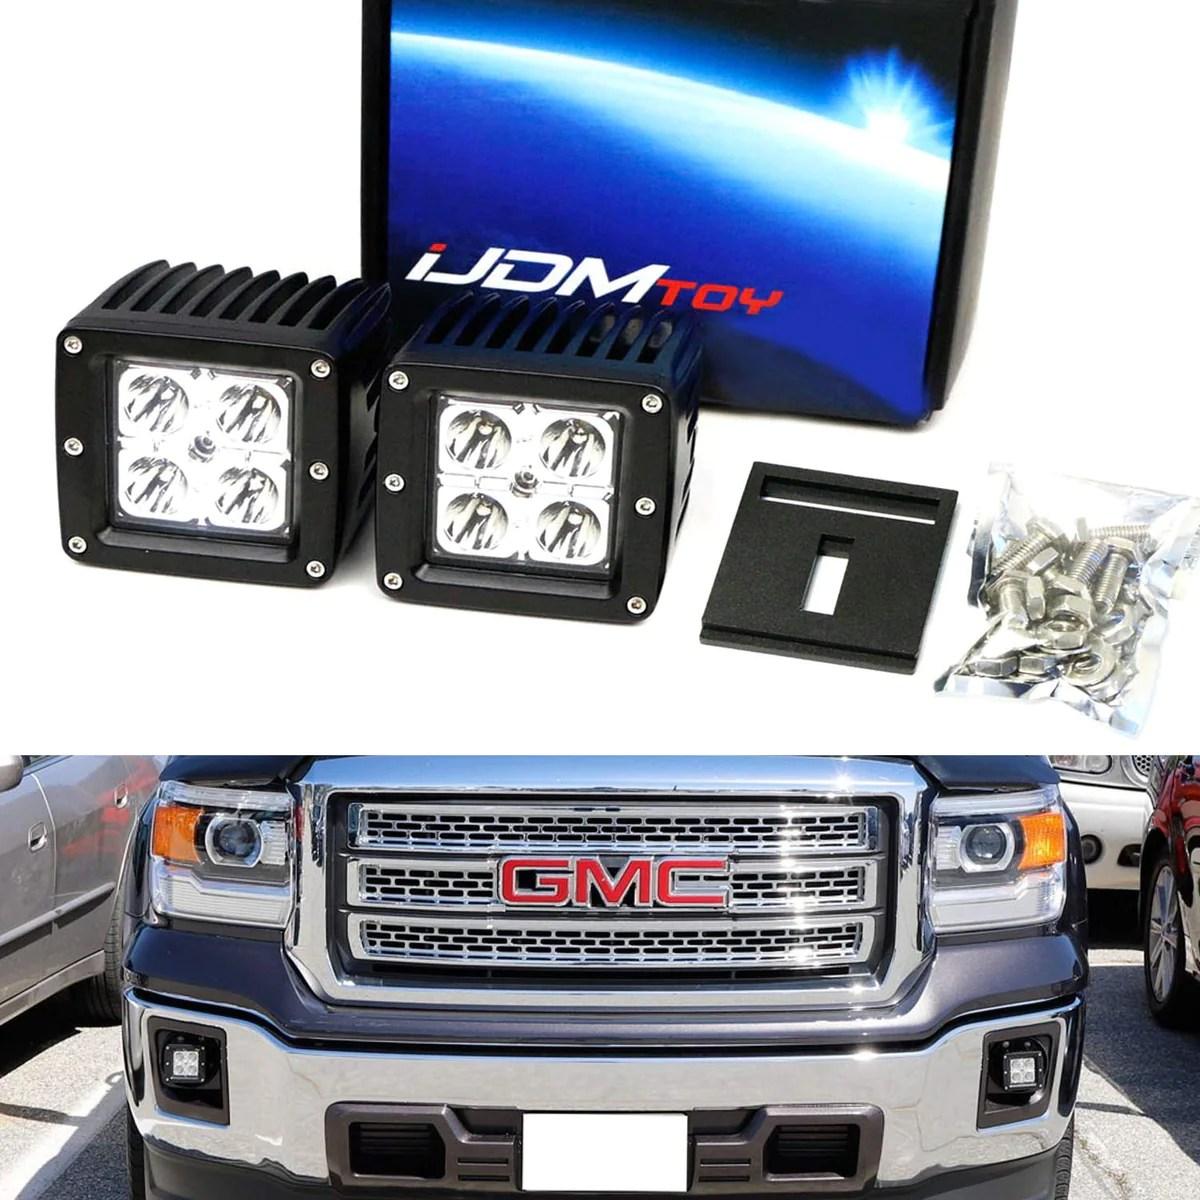 14 15 gmc sierra 1500 15 18 2500 3500 hd led pod fog light kit ijdmtoy com [ 1200 x 1200 Pixel ]